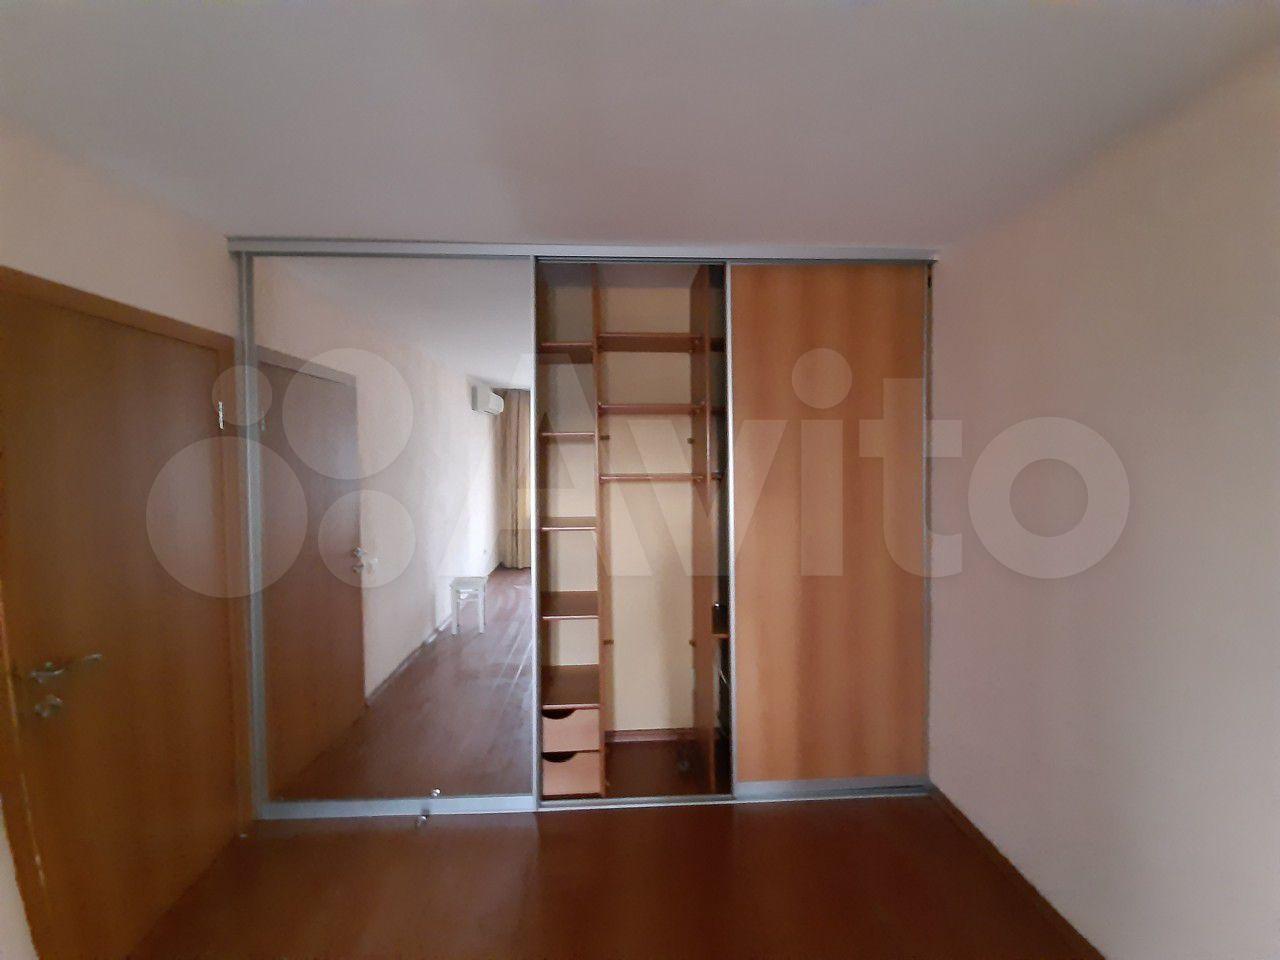 1-к квартира, 32 м², 9/9 эт.  89587543926 купить 6